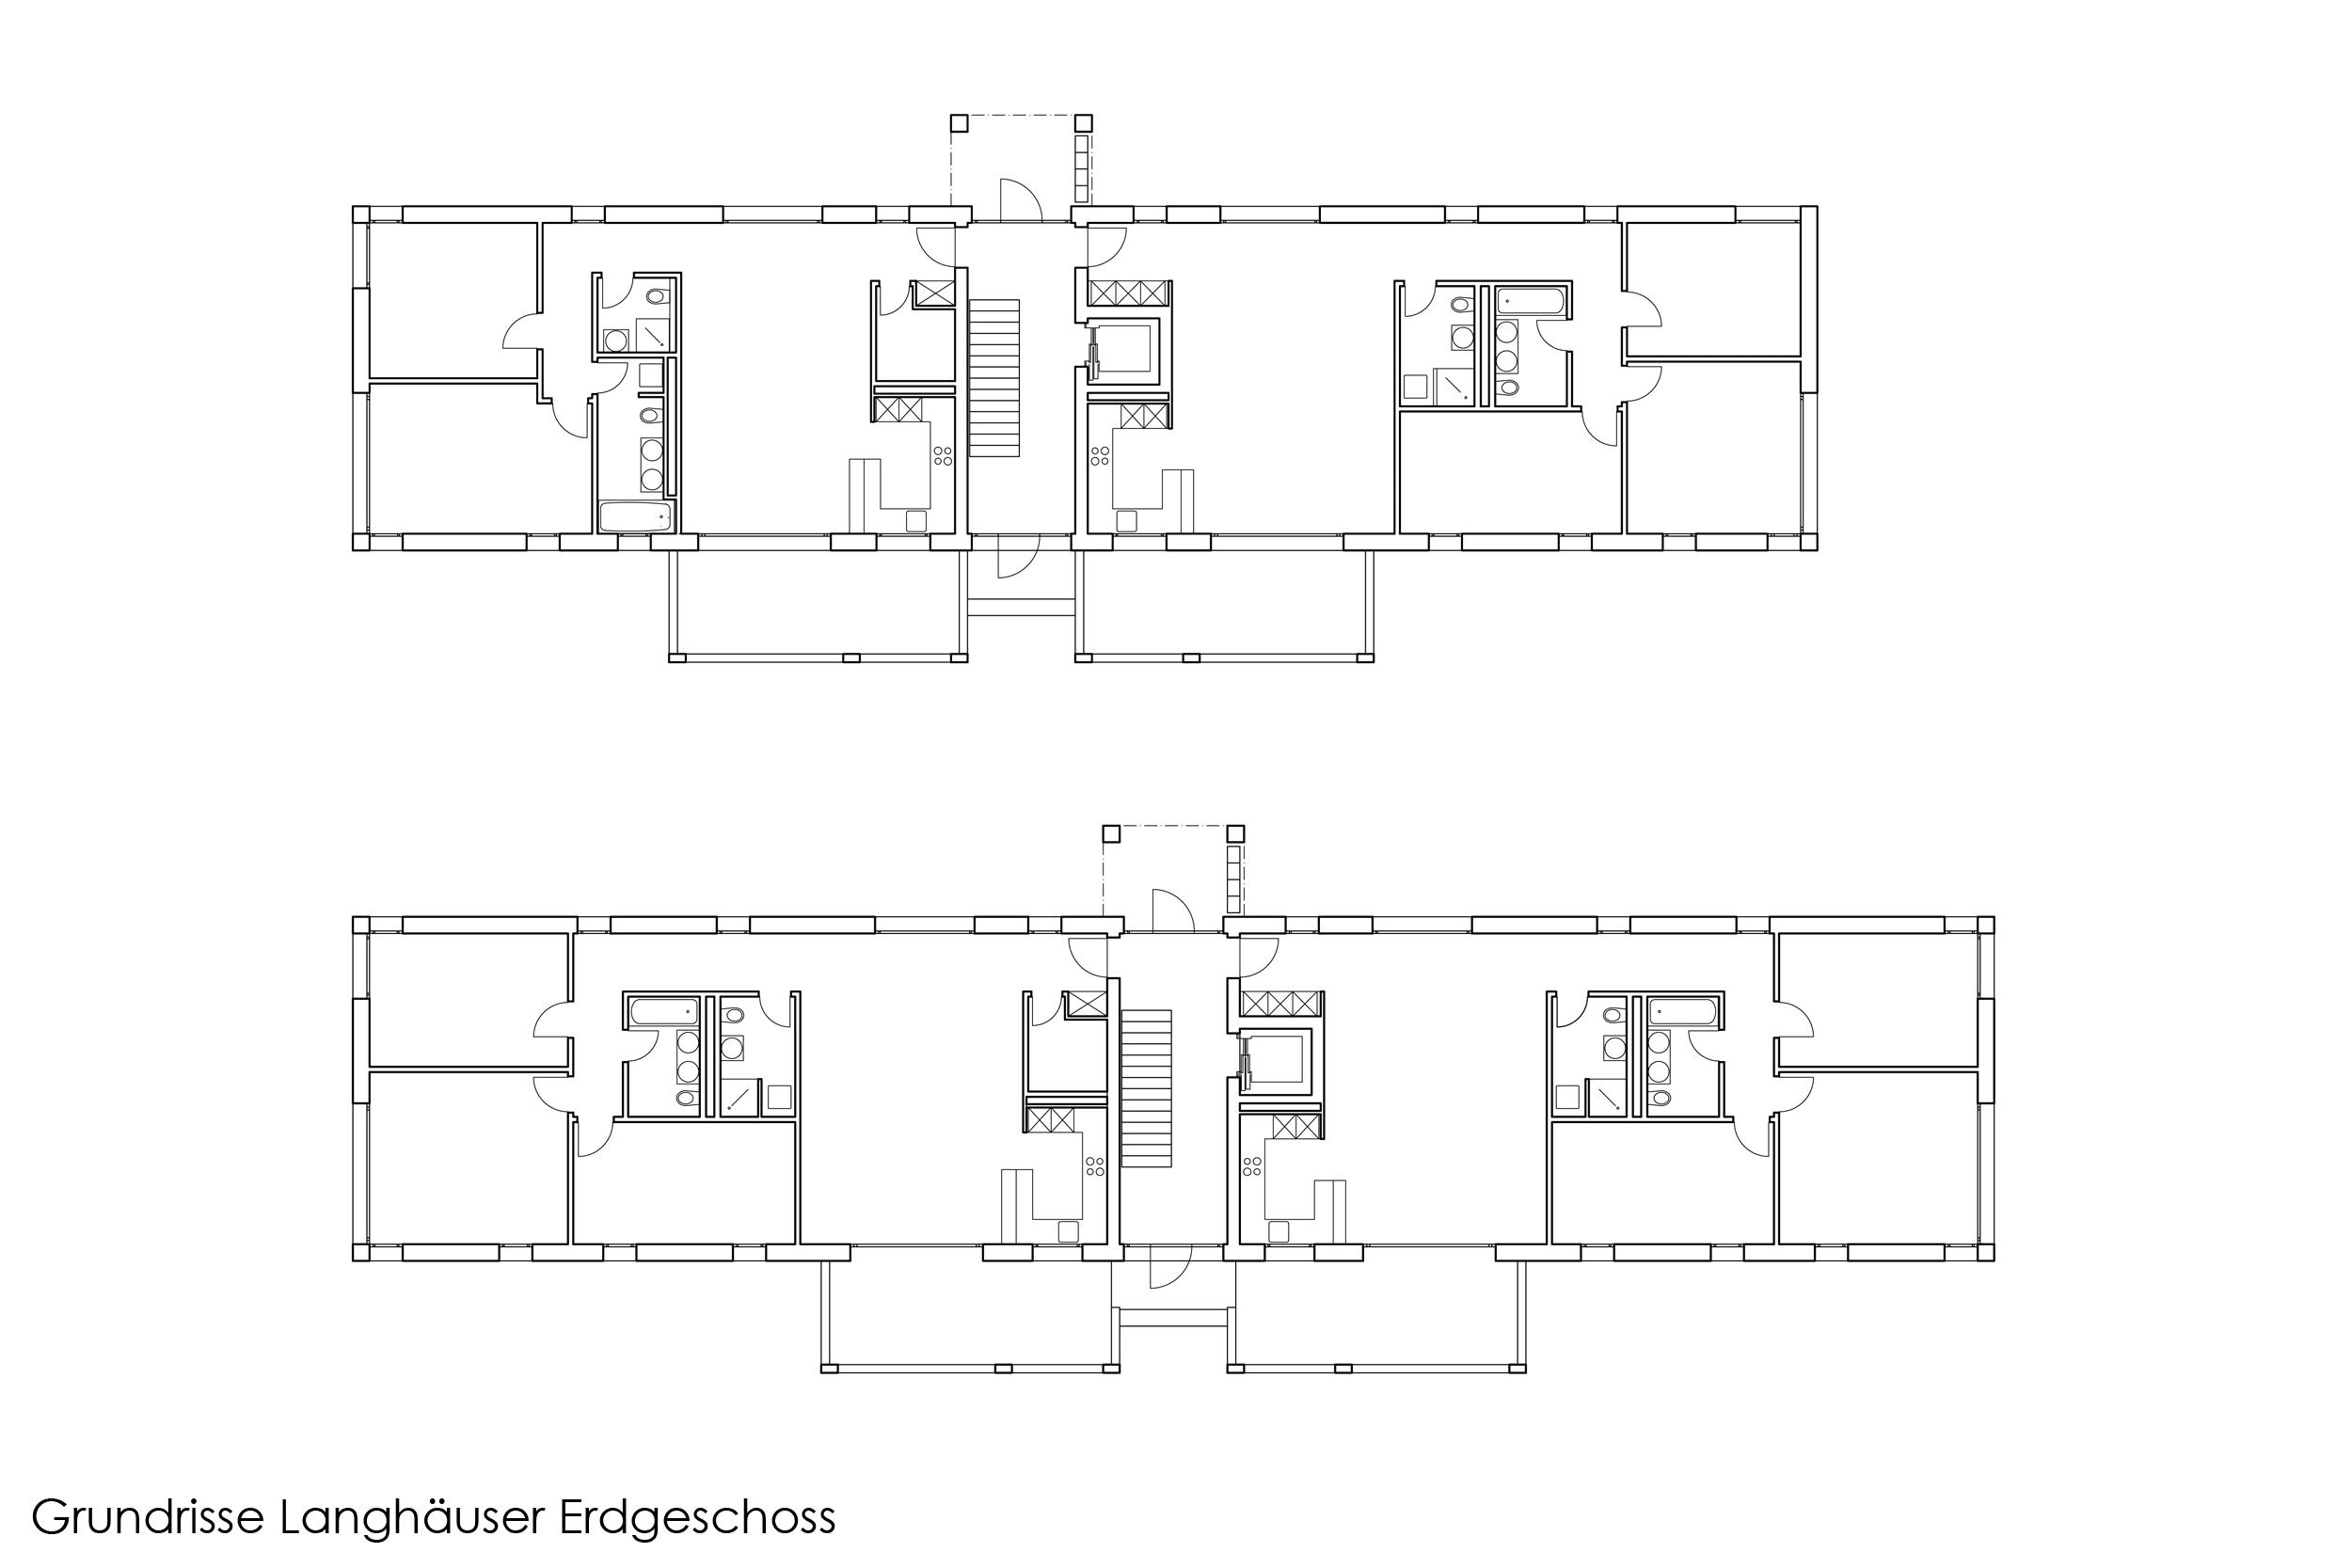 03-18 Malojaweg gr langhaus.jpg